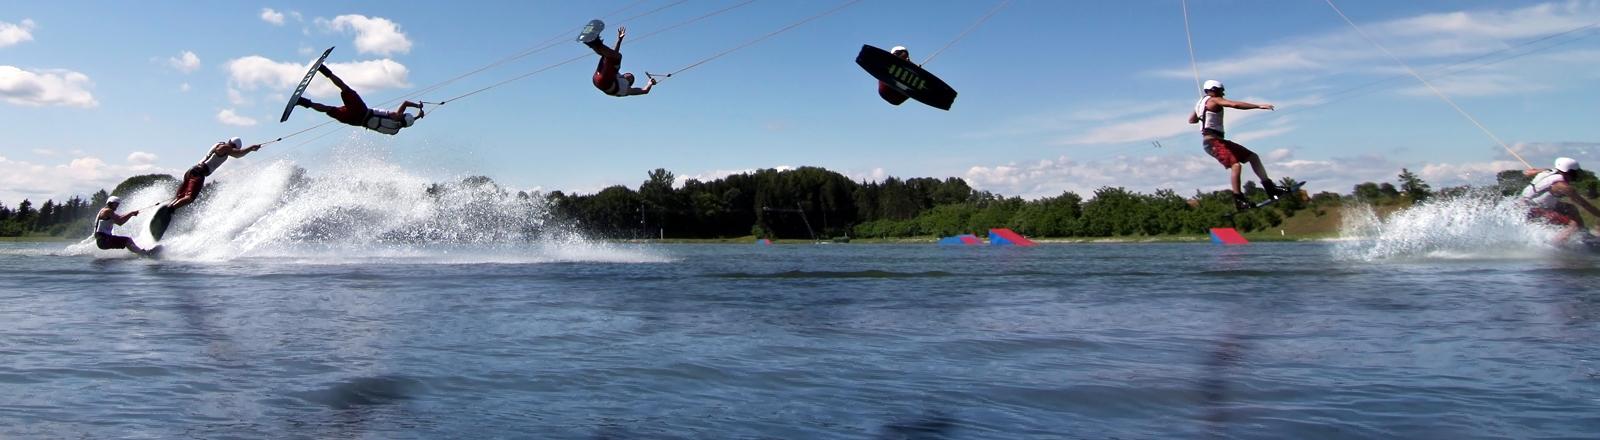 Ein Wakeboarder zeigt auf einem See seine Tricks.